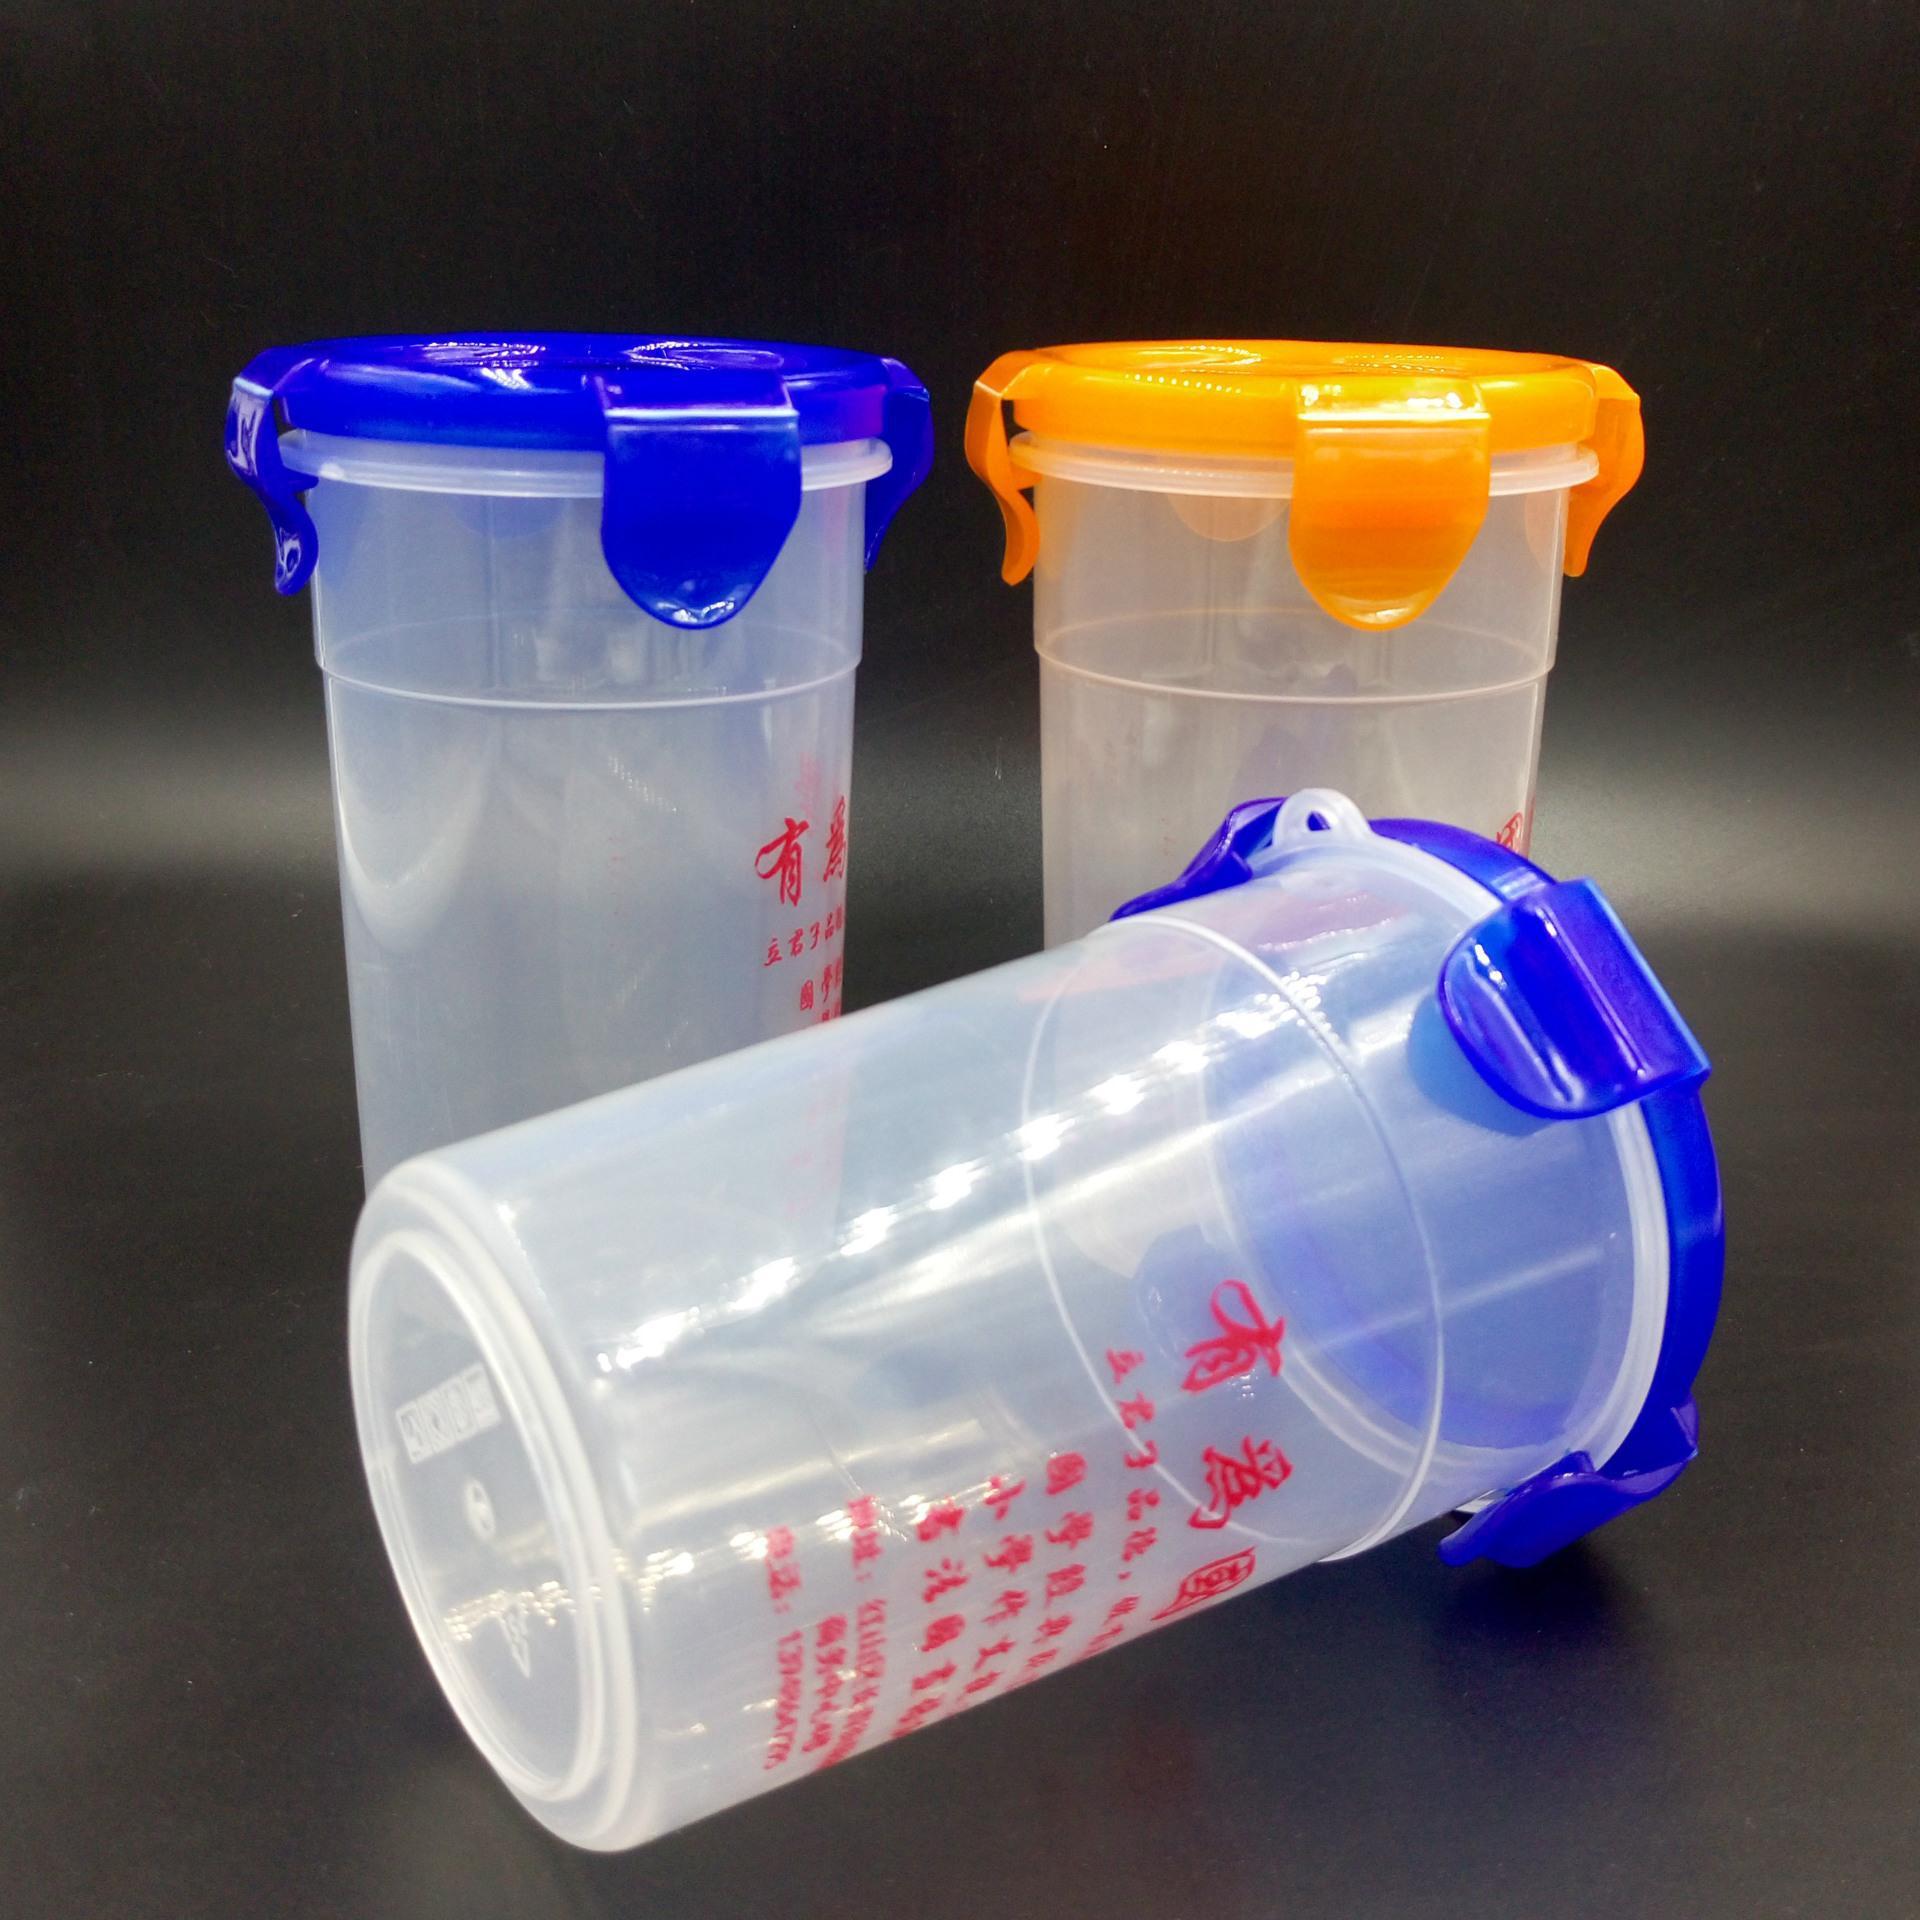 塑料广告杯定制 耐高温pp水杯 透明杯子可以定制logo环保杯